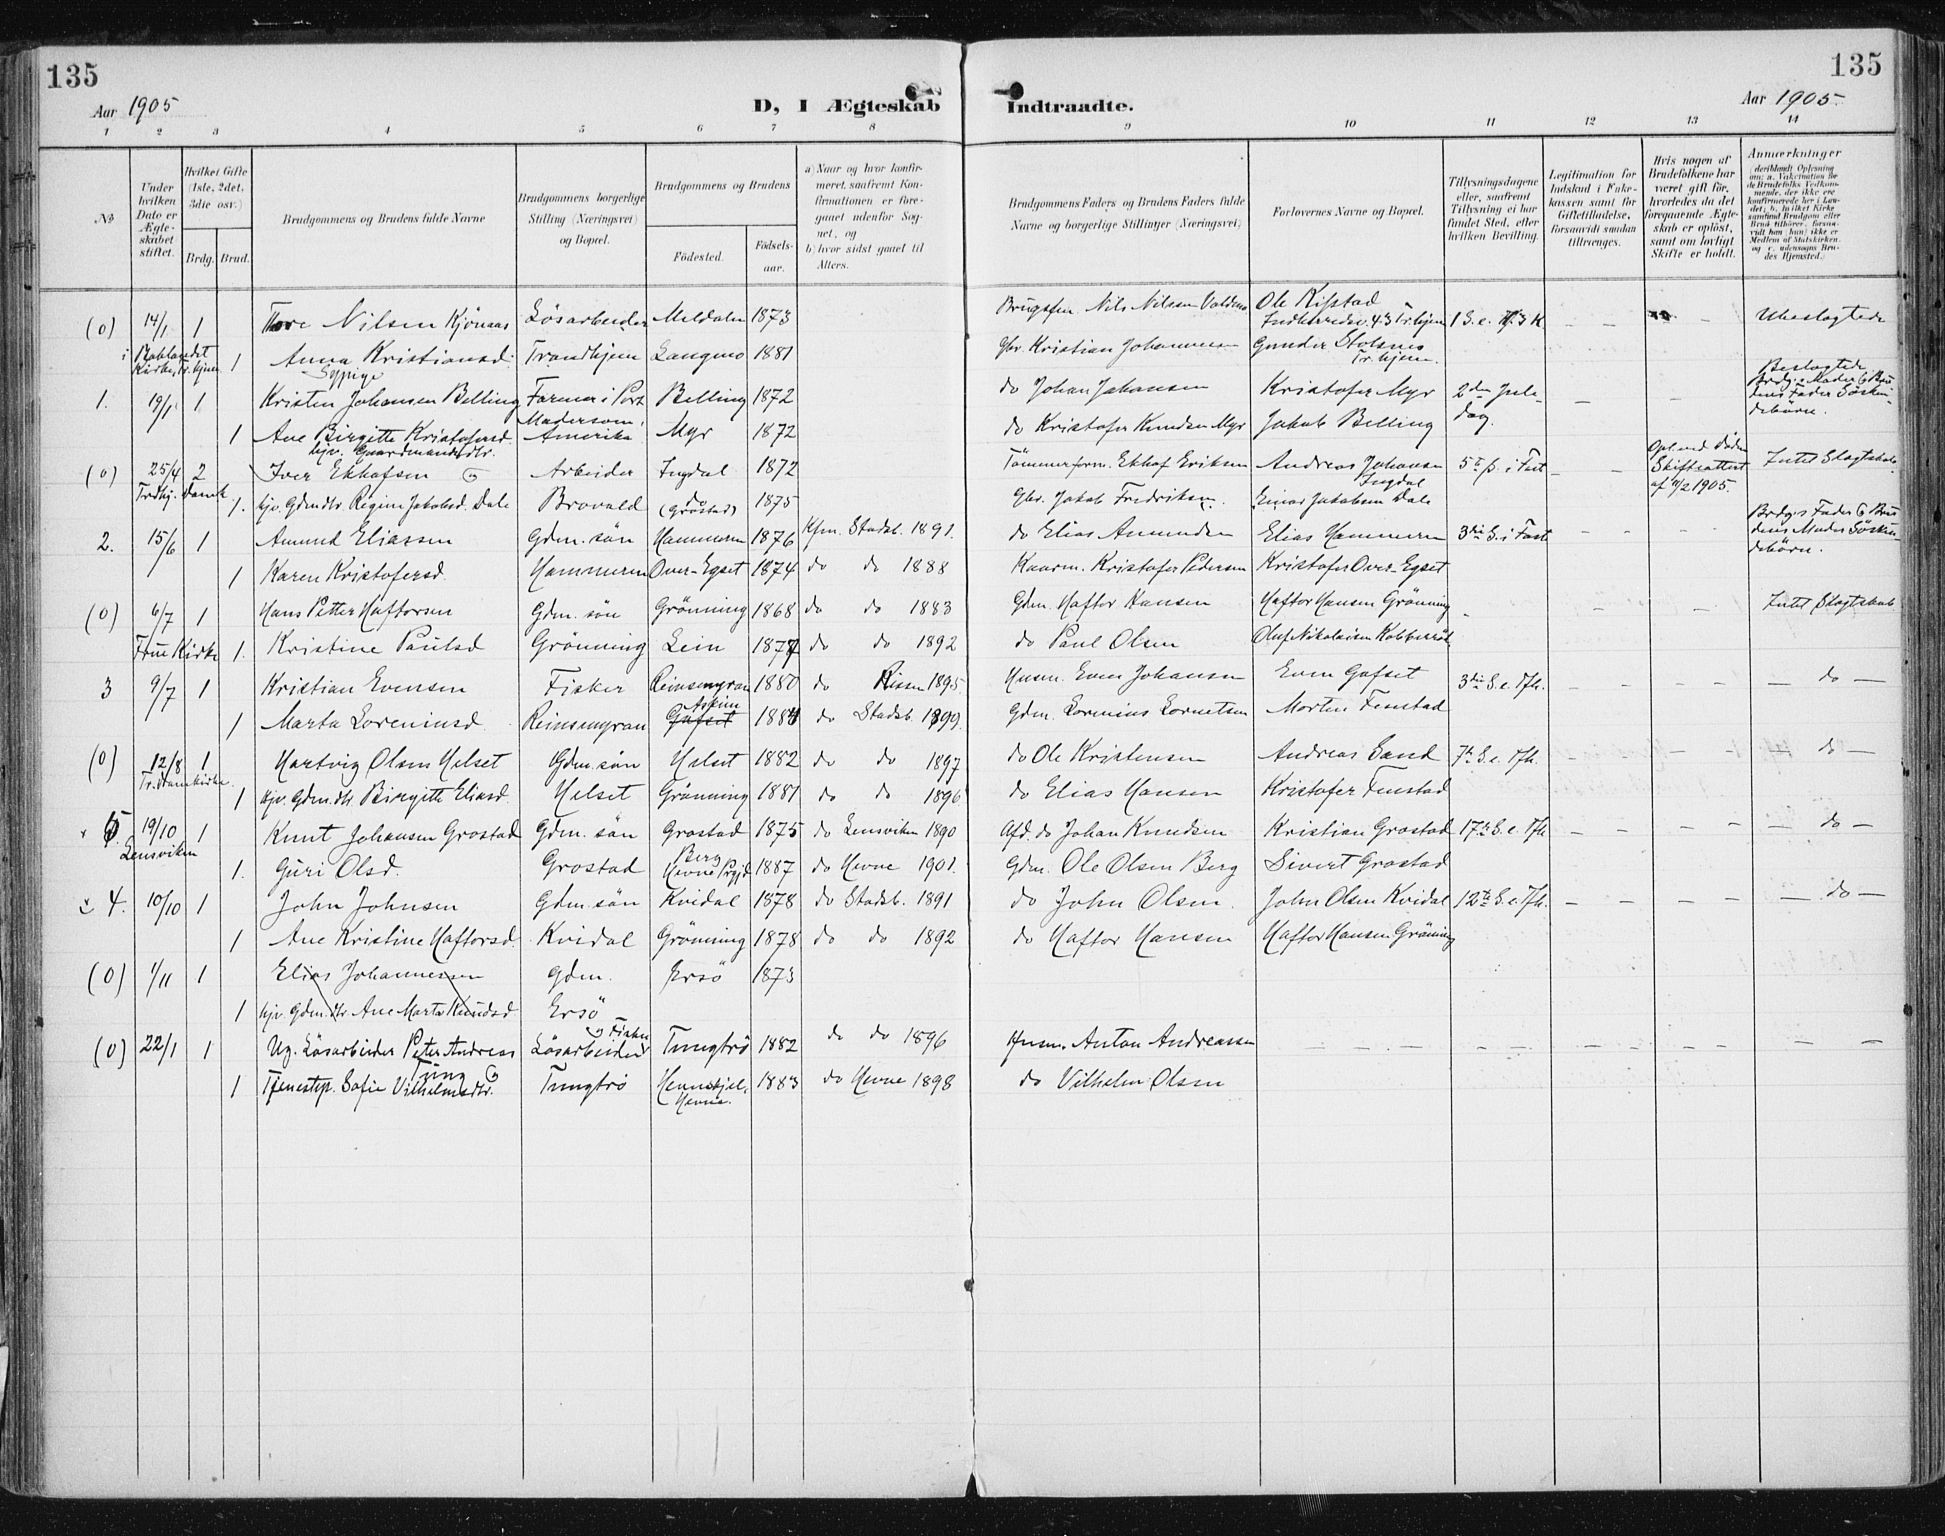 SAT, Ministerialprotokoller, klokkerbøker og fødselsregistre - Sør-Trøndelag, 646/L0616: Ministerialbok nr. 646A14, 1900-1918, s. 135